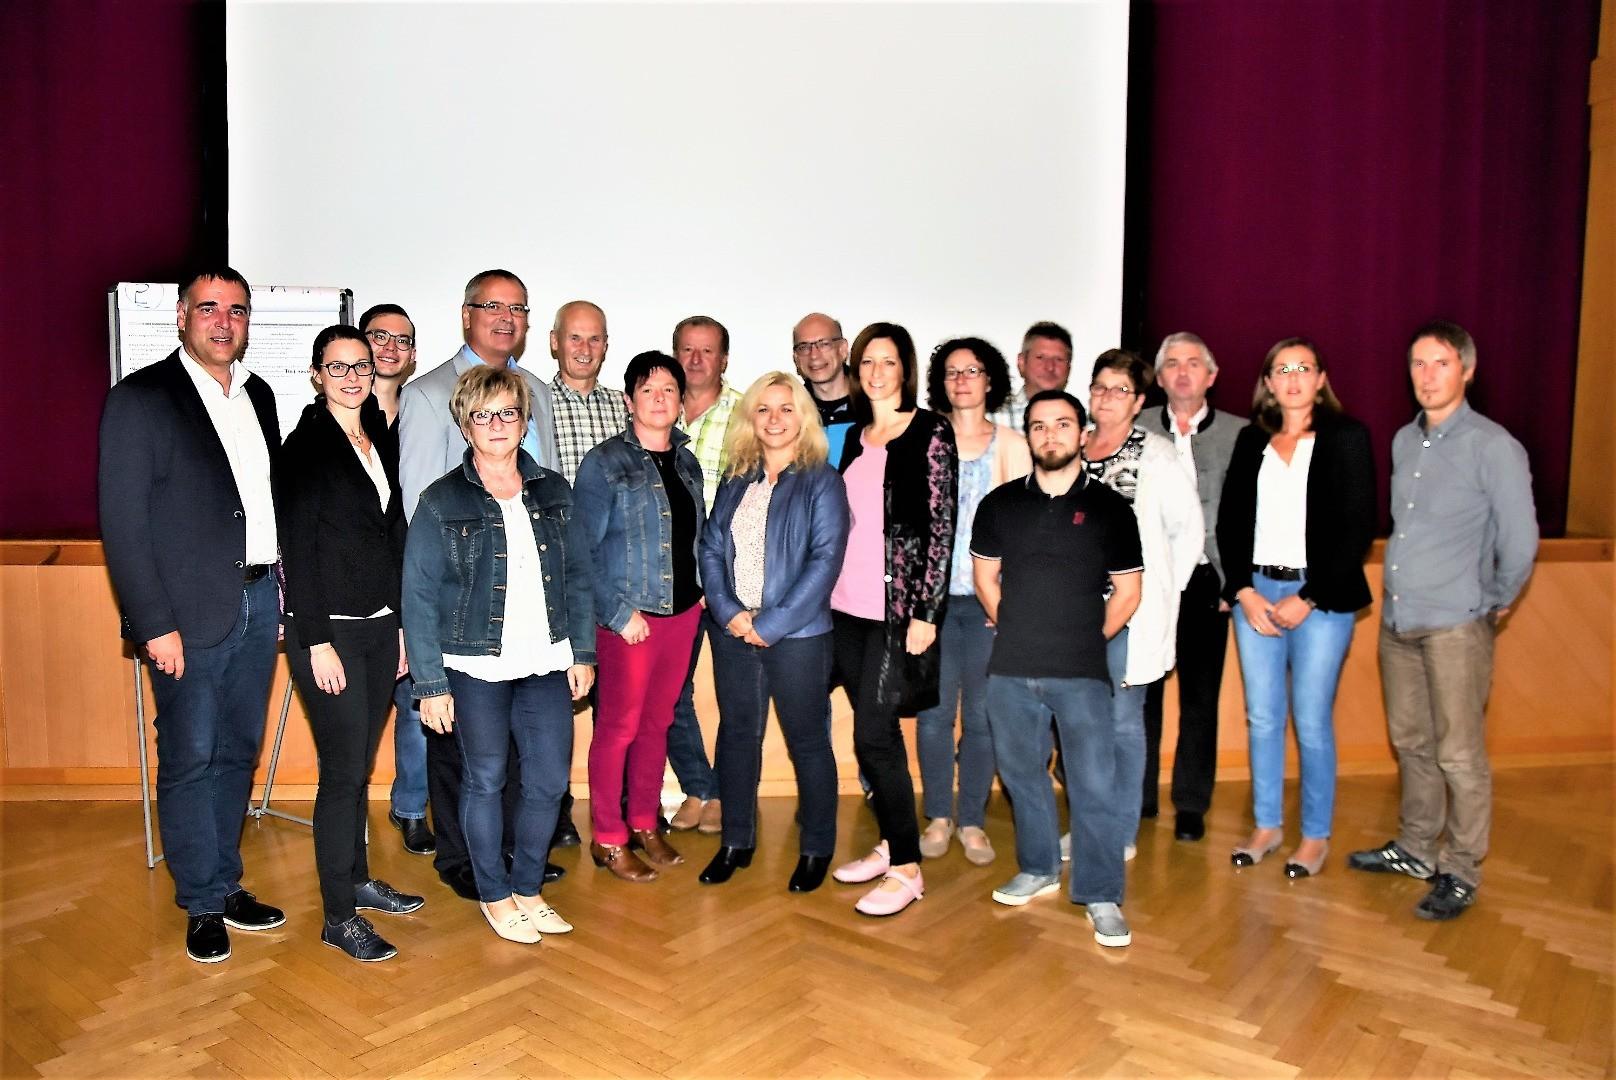 G21 Ergebnispräsentation Fragebogen Gruppenfoto.JPG